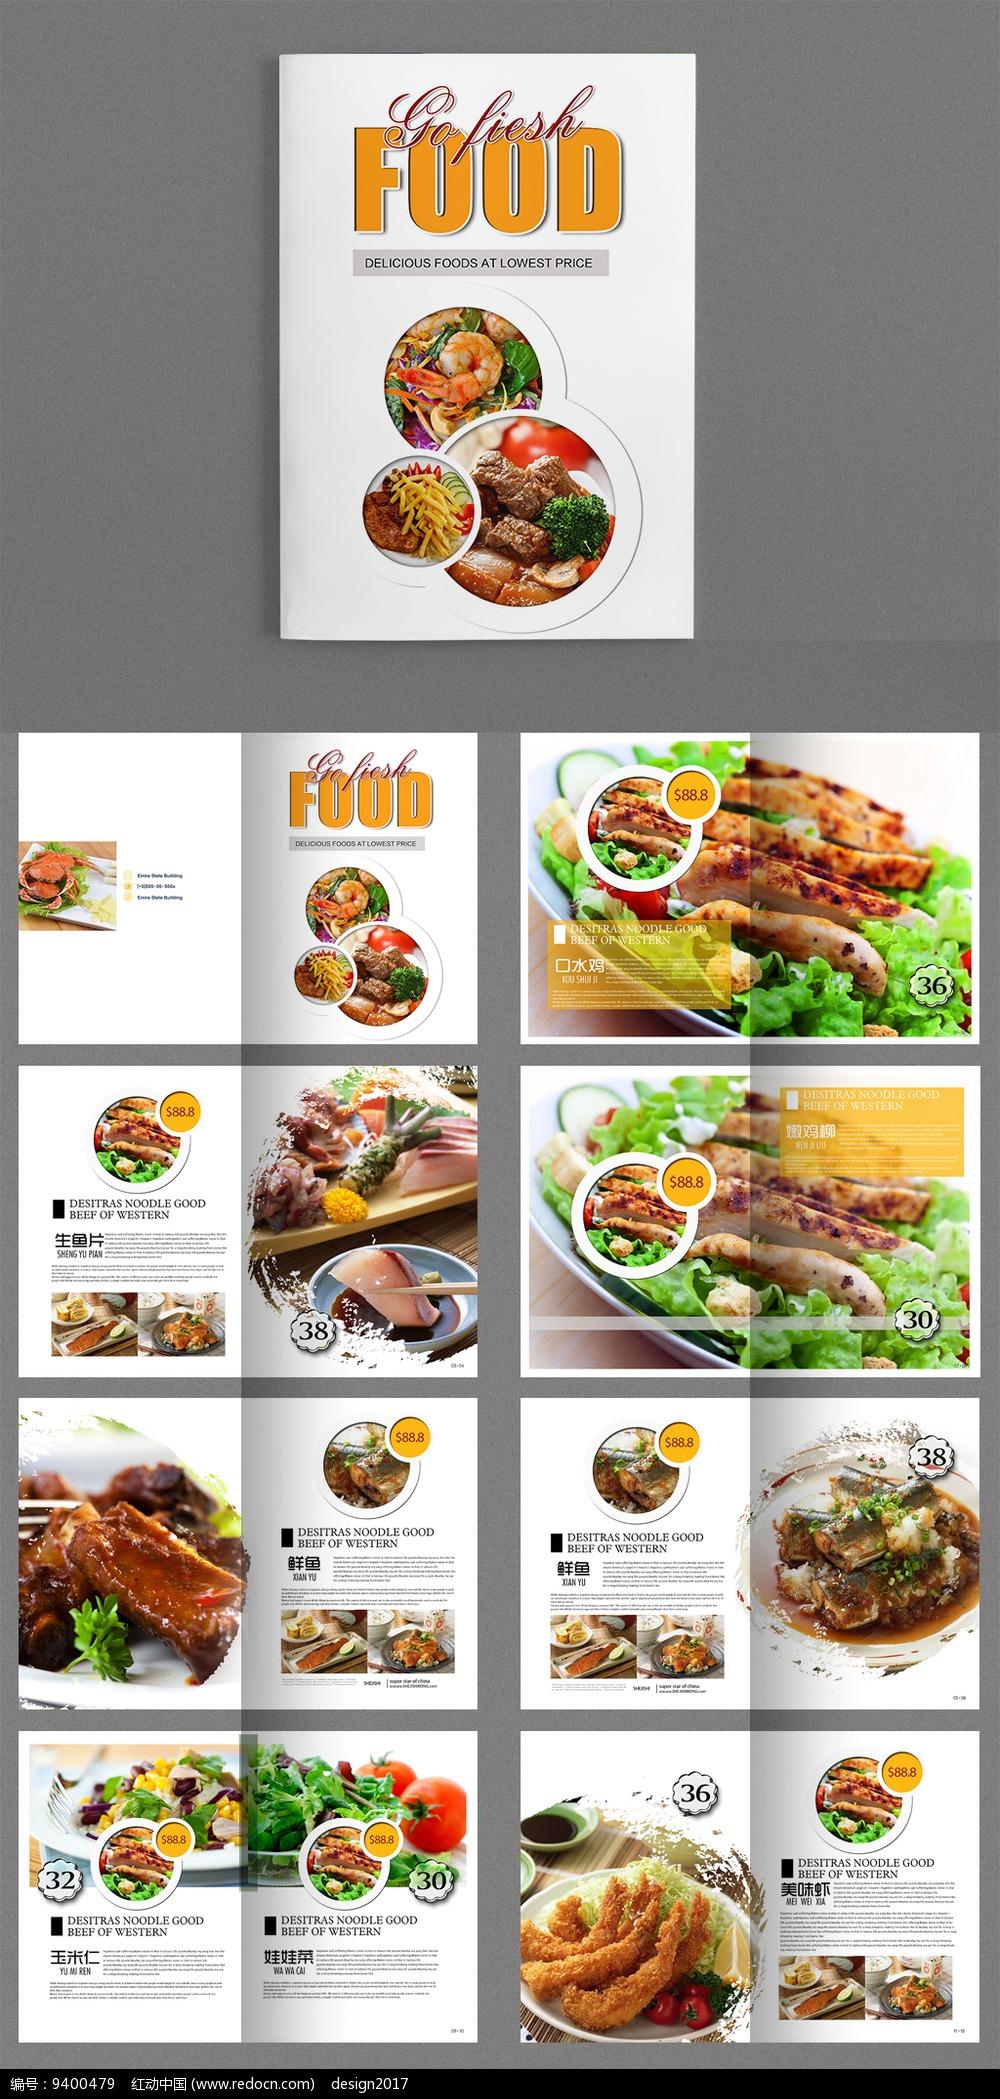 橙色时尚餐厅酒店食品宣传美食画册模板图片